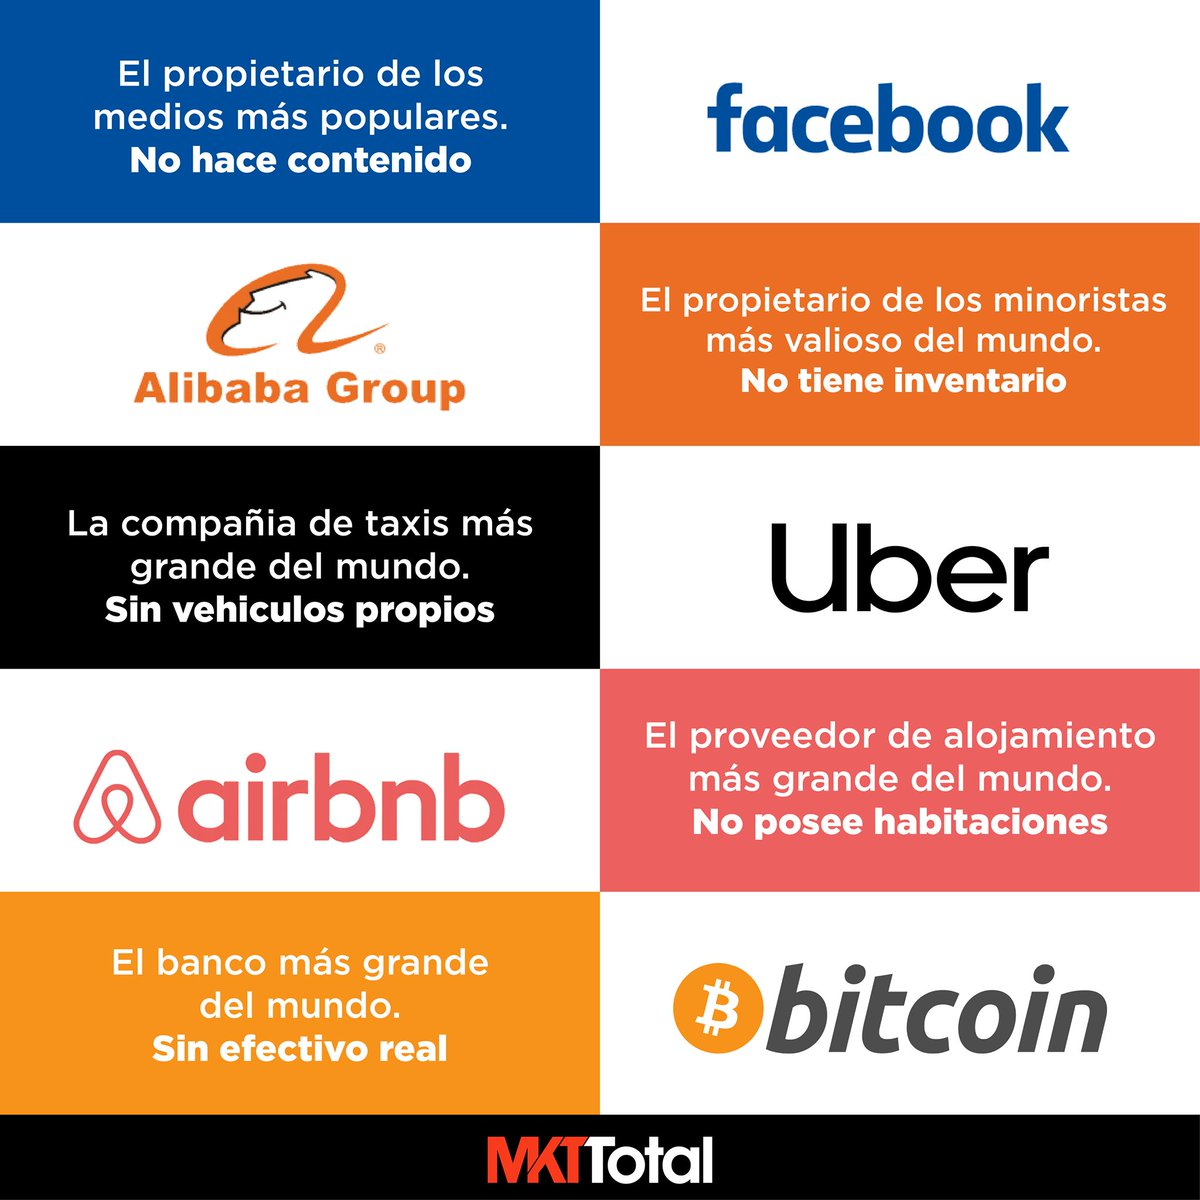 Nuevos modelos de negocio. Via @mercatotal #Facebook #Alibaba #Uber #Airbnb #Bitcoin Para mas informacion visita => https://t.co/DmTQPDDGcM https://t.co/abFNRJuc3X